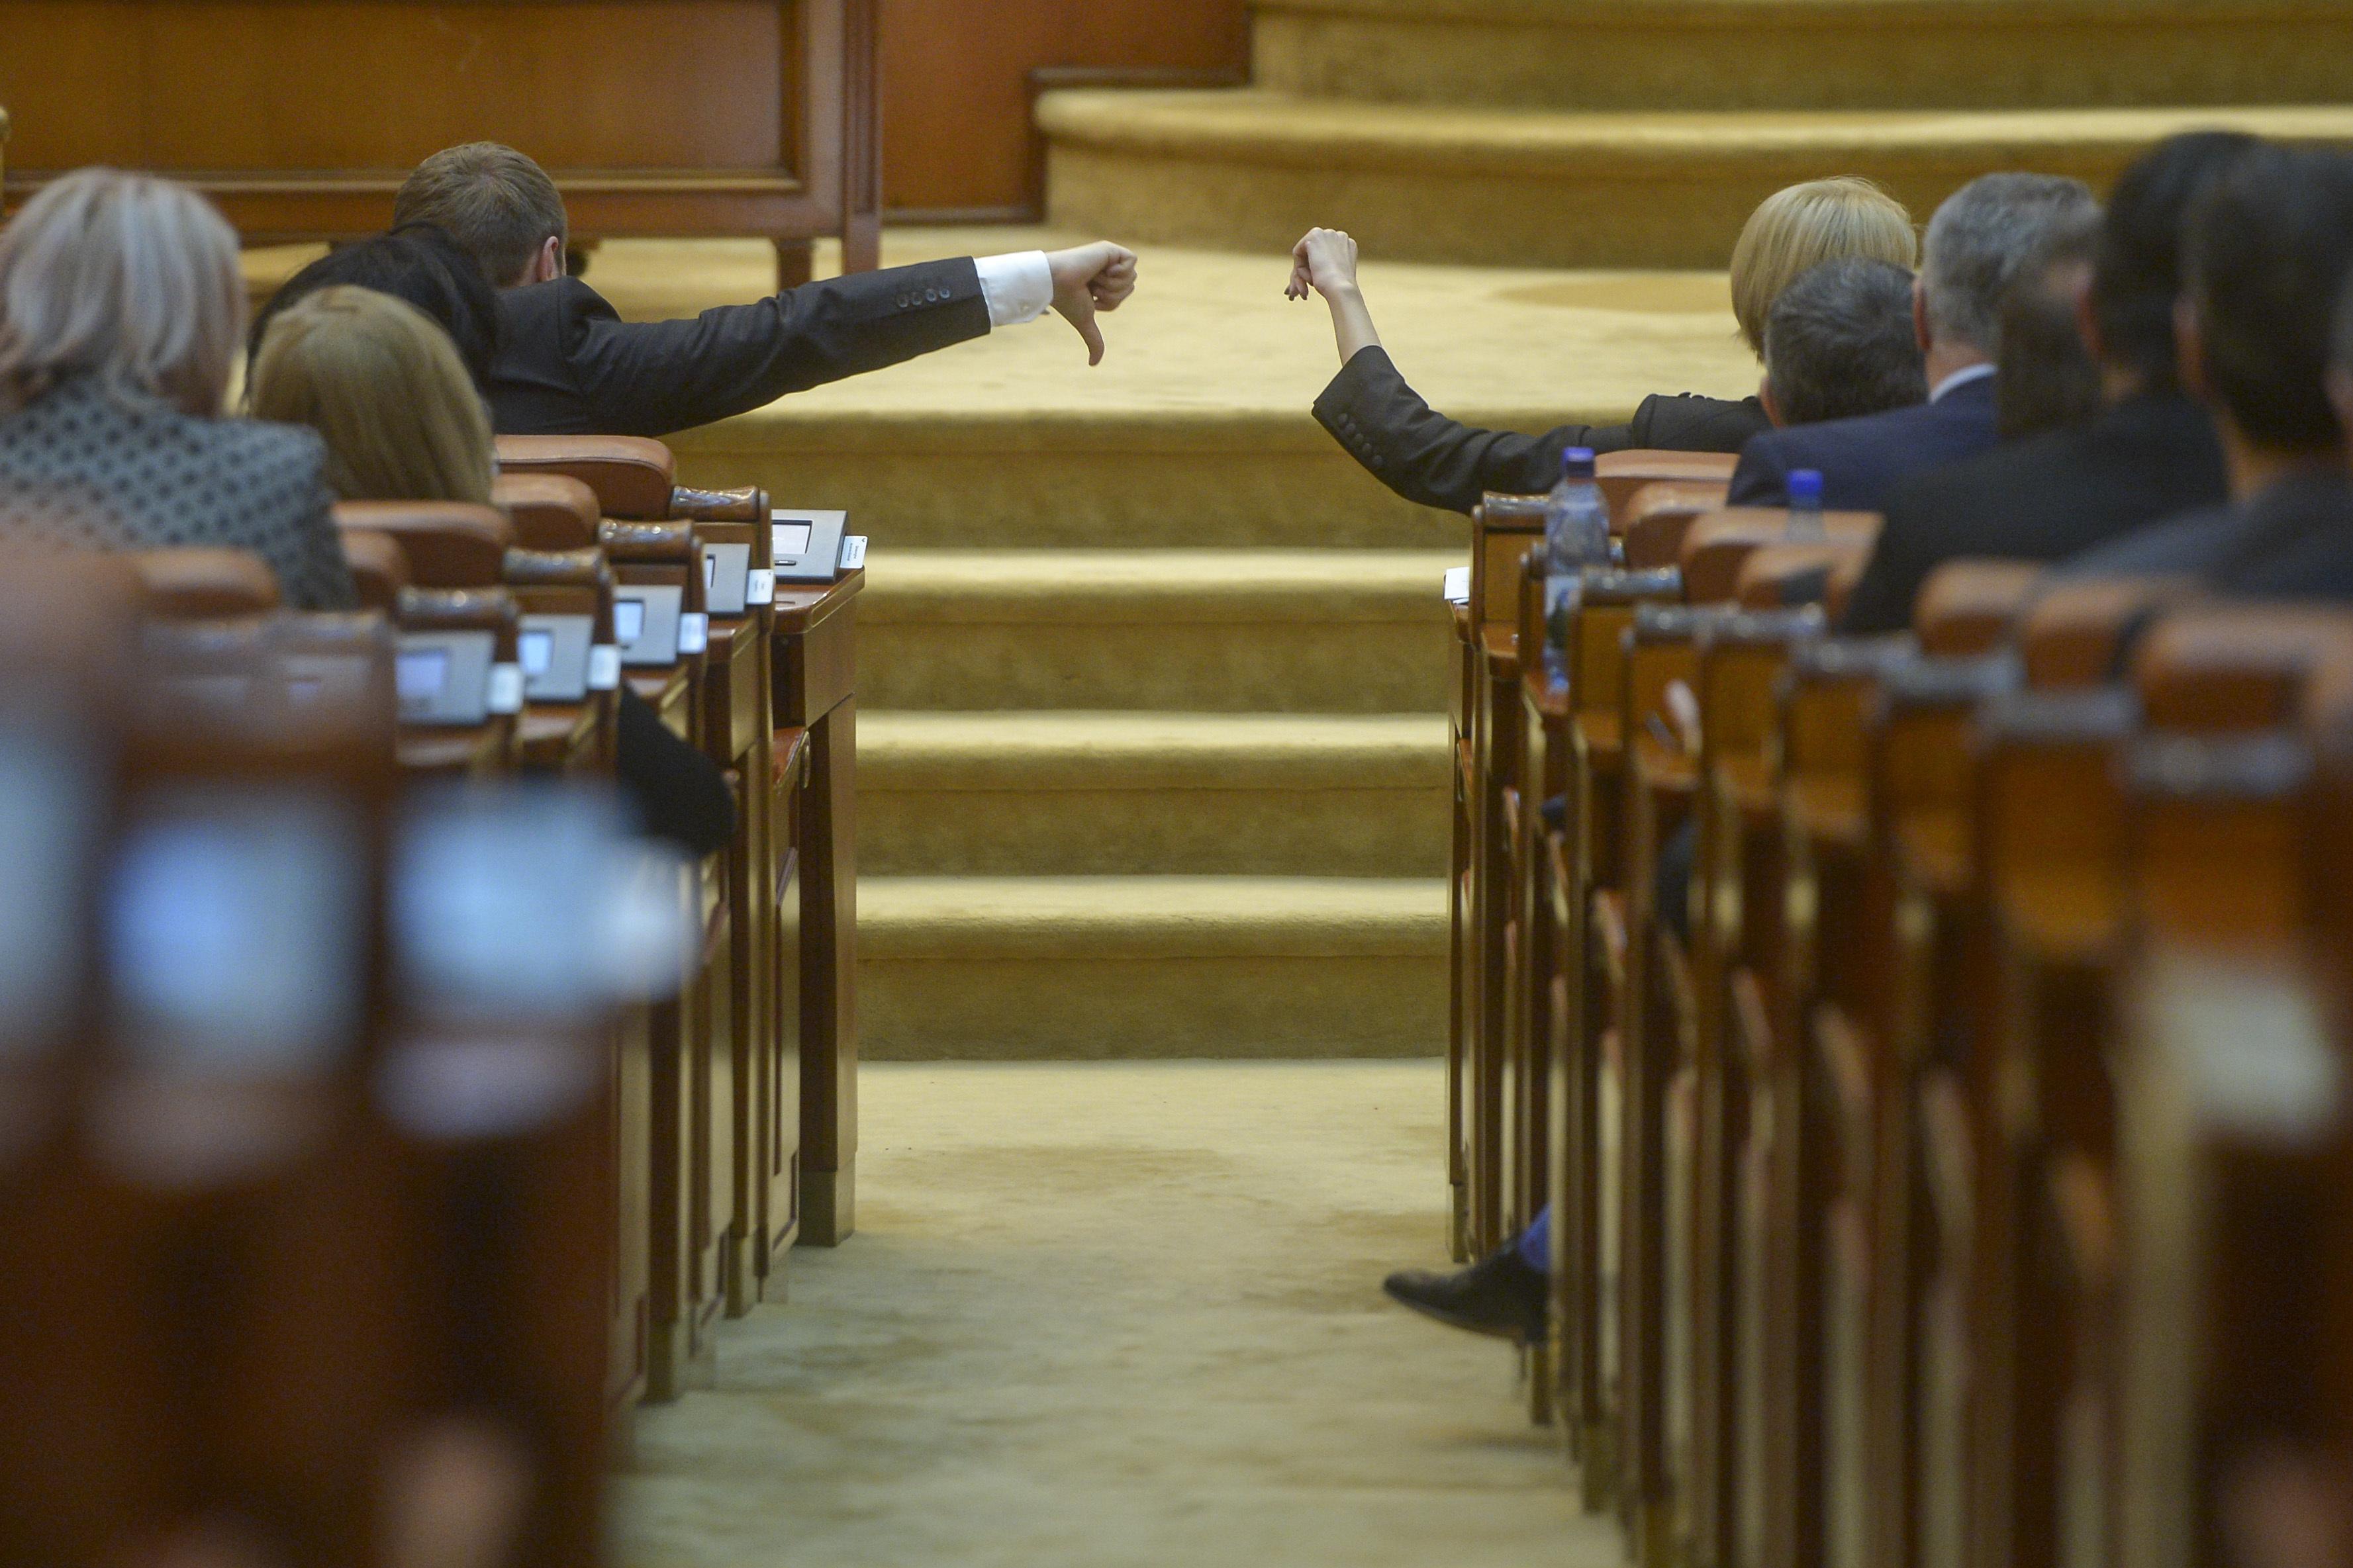 SCANDAL în şedinţa Comisiilor juridice şi de apărare din Camera Deputaţilor: Dispută pe numărarea voturilor